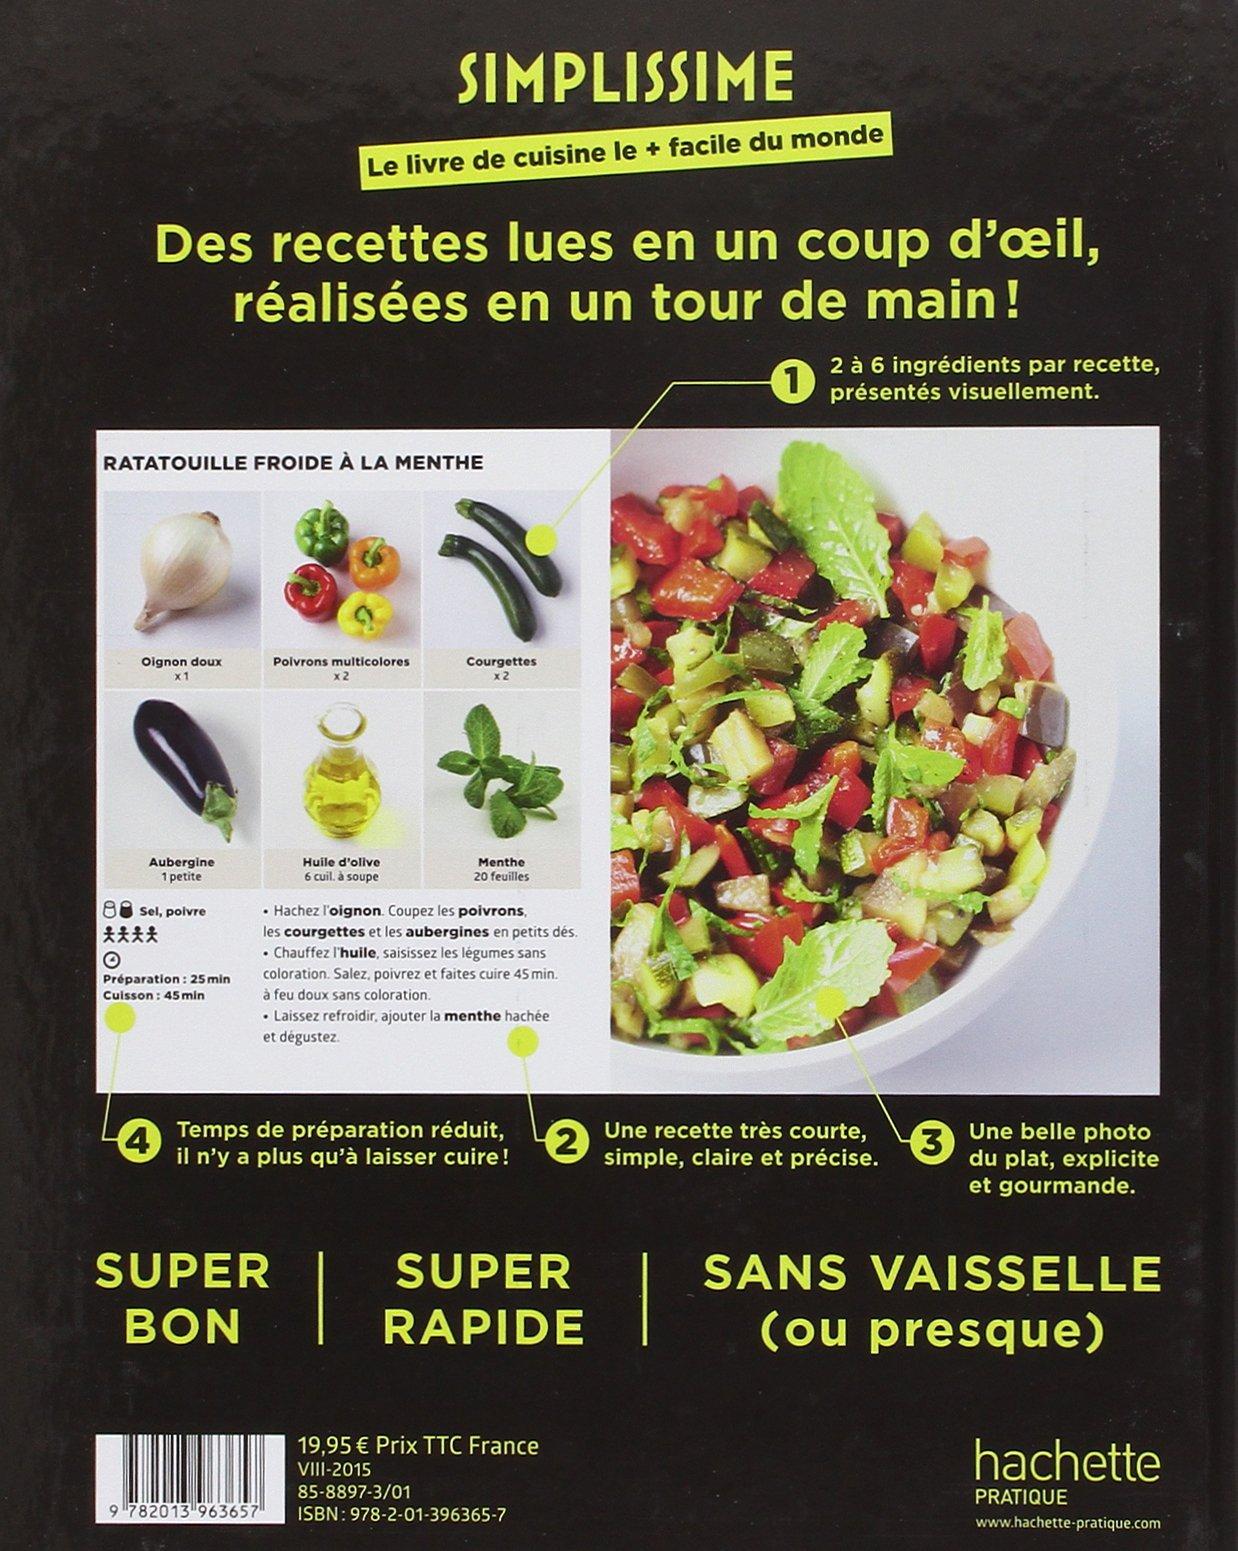 livre de recettes simplissime